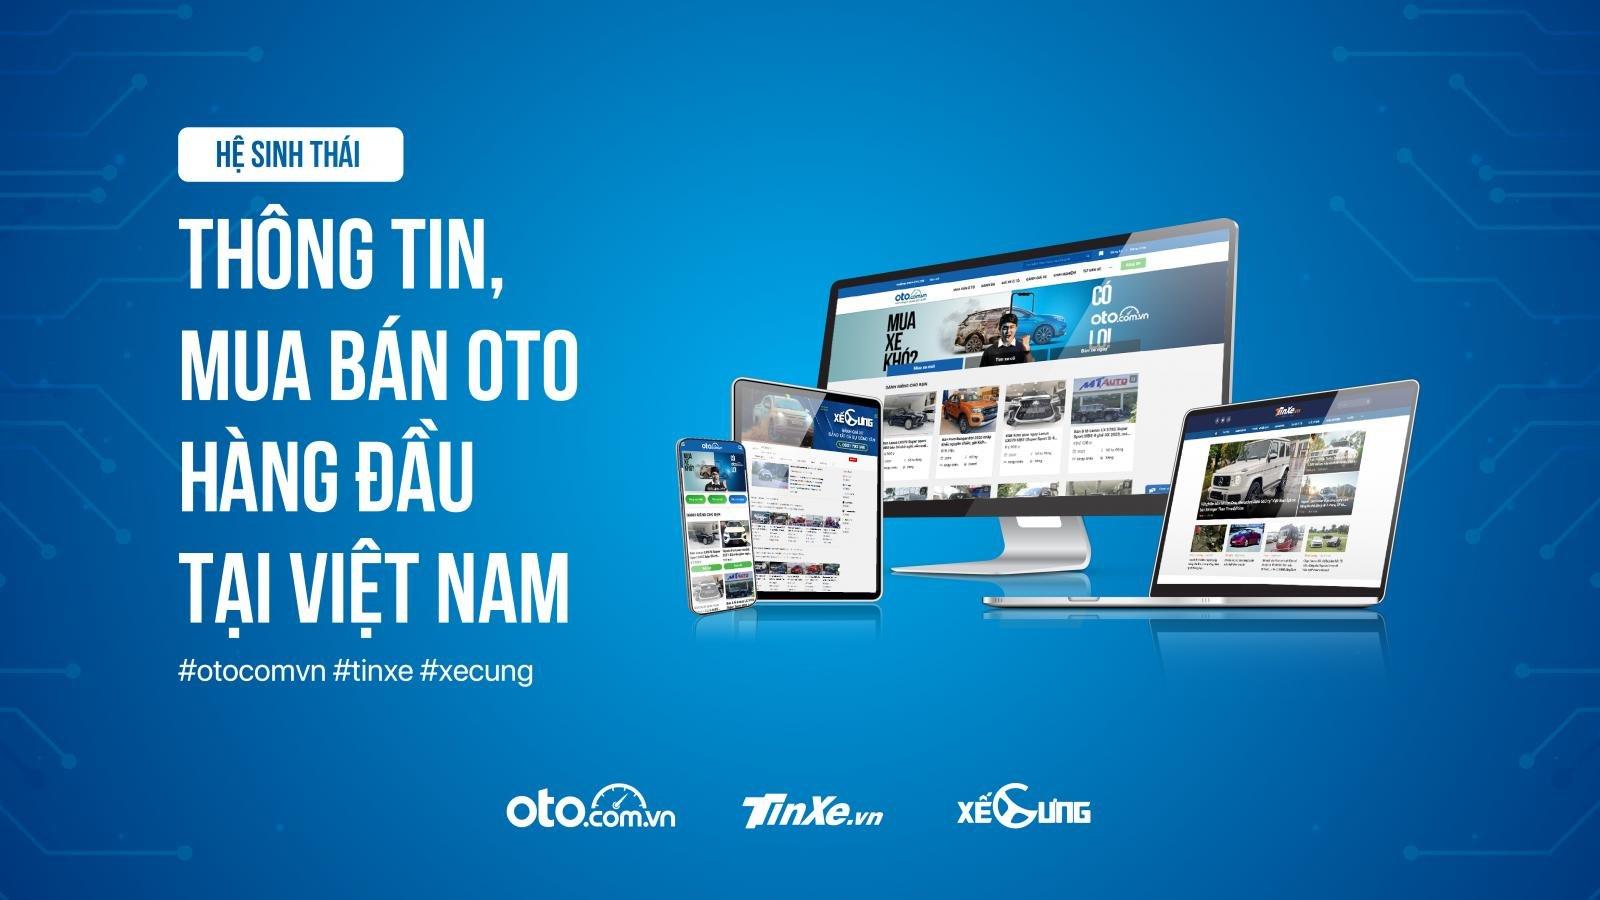 Hệ sinh thái Oto.com.vn - Giải pháp toàn diện cho người mua ô tô trực tuyến 1